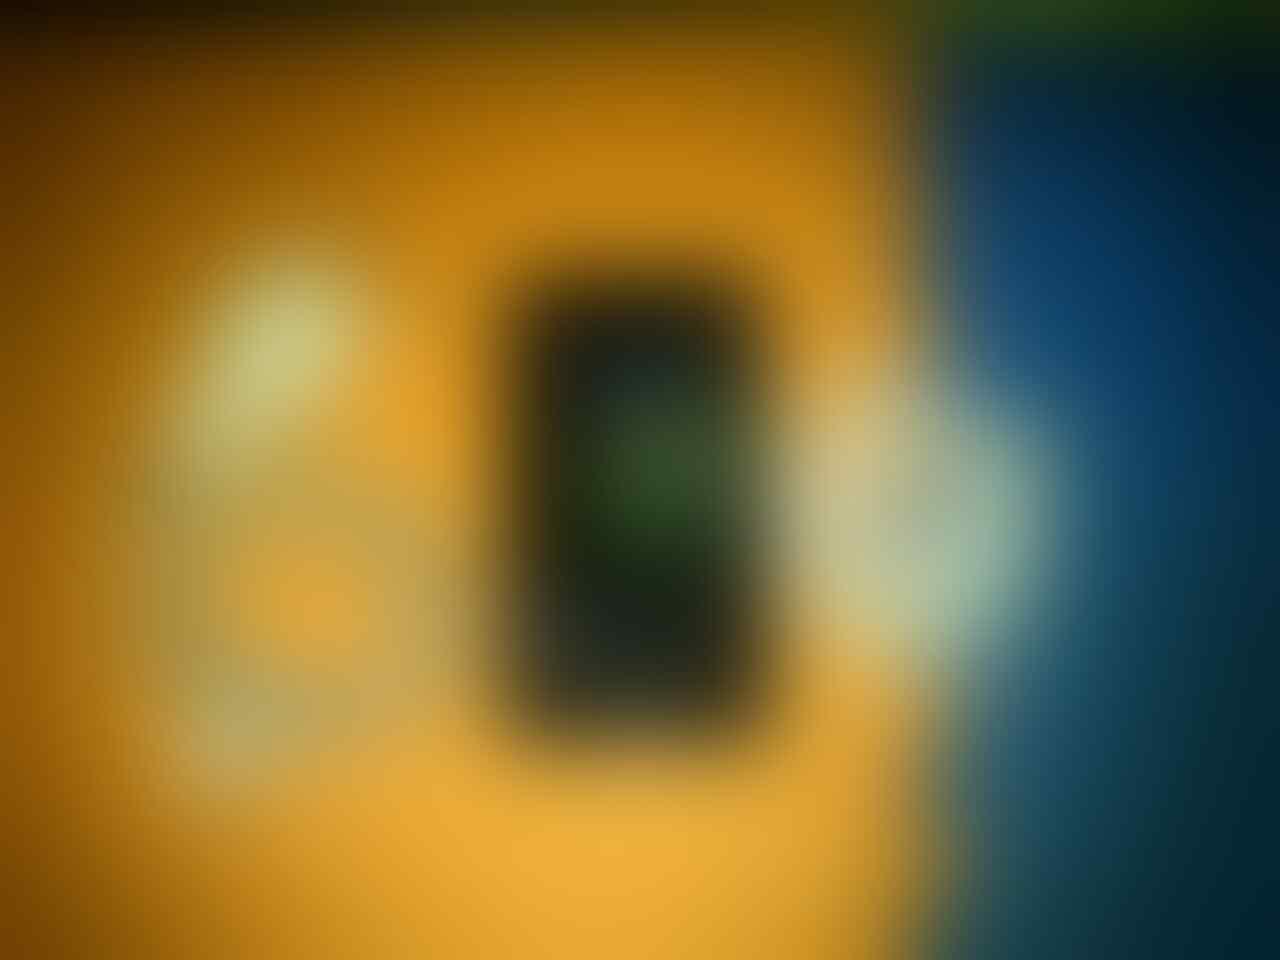 [WTS] iPod touch 3rd gen 32GB Bandung, murah, cepat